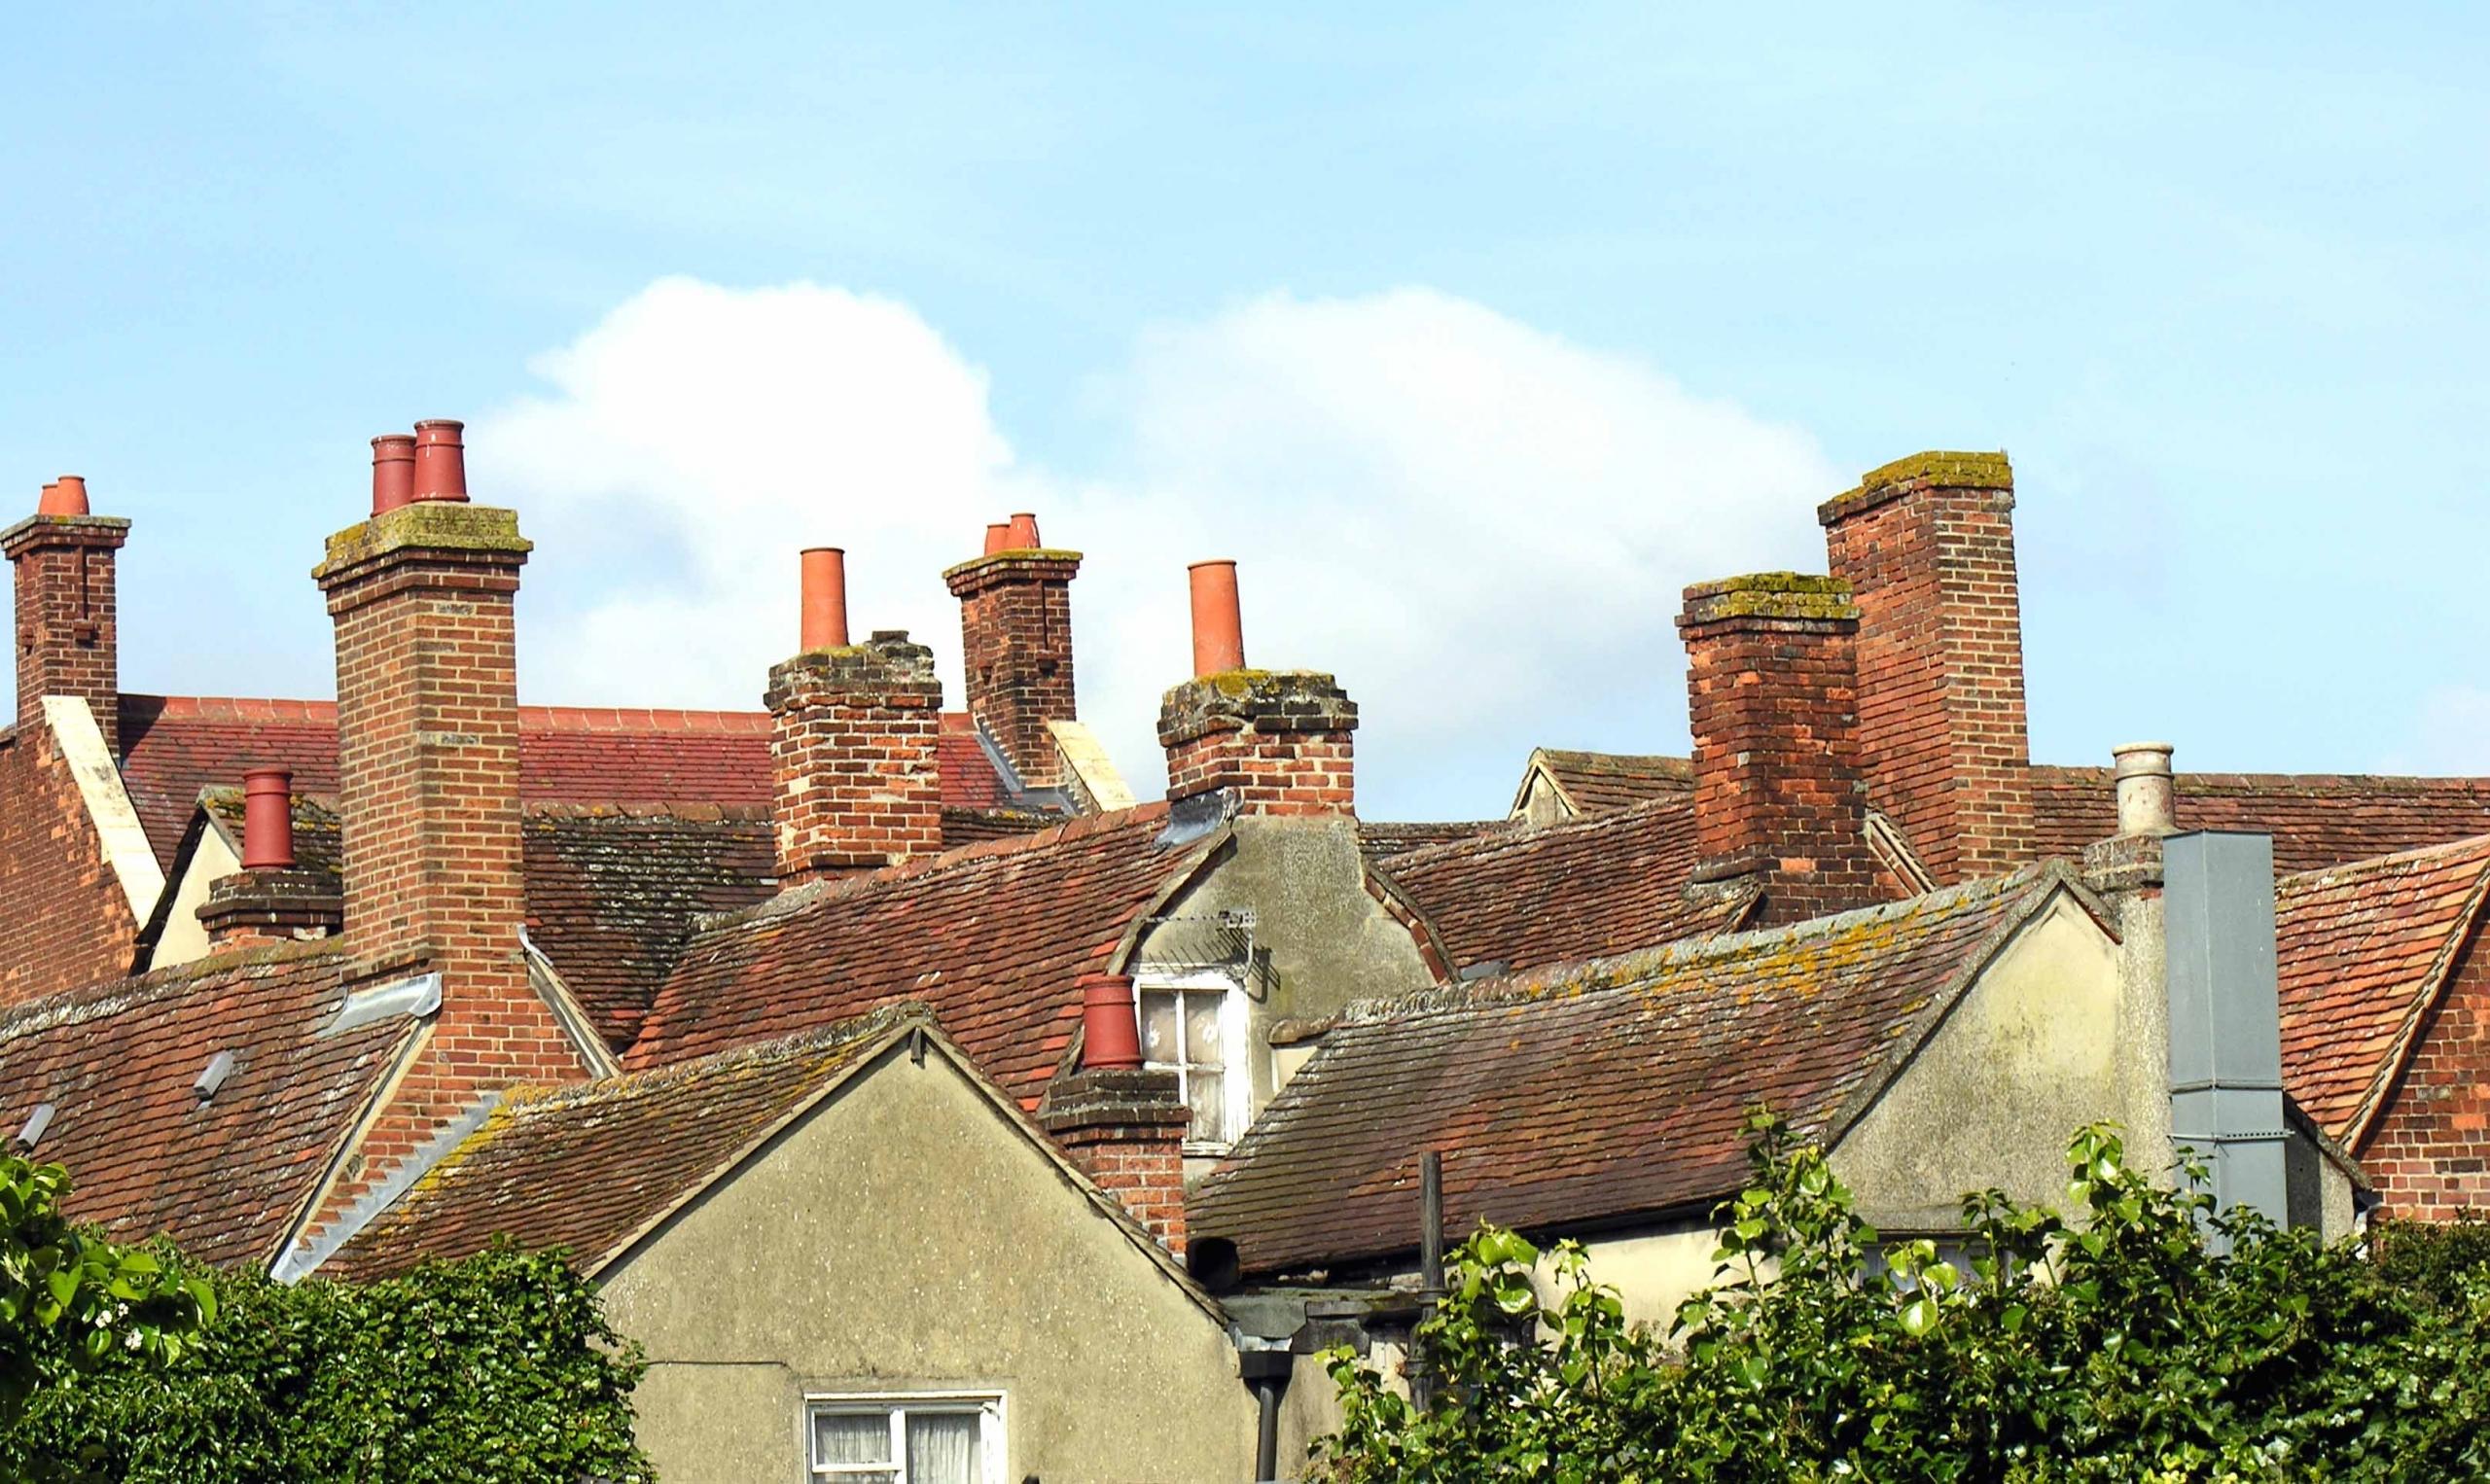 Stert Street Roofs